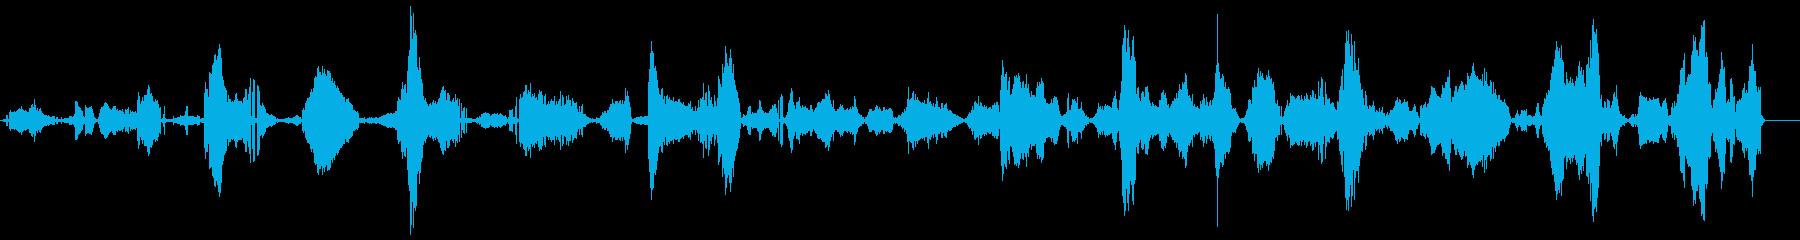 ゾンビうめき声、独身女性1の再生済みの波形